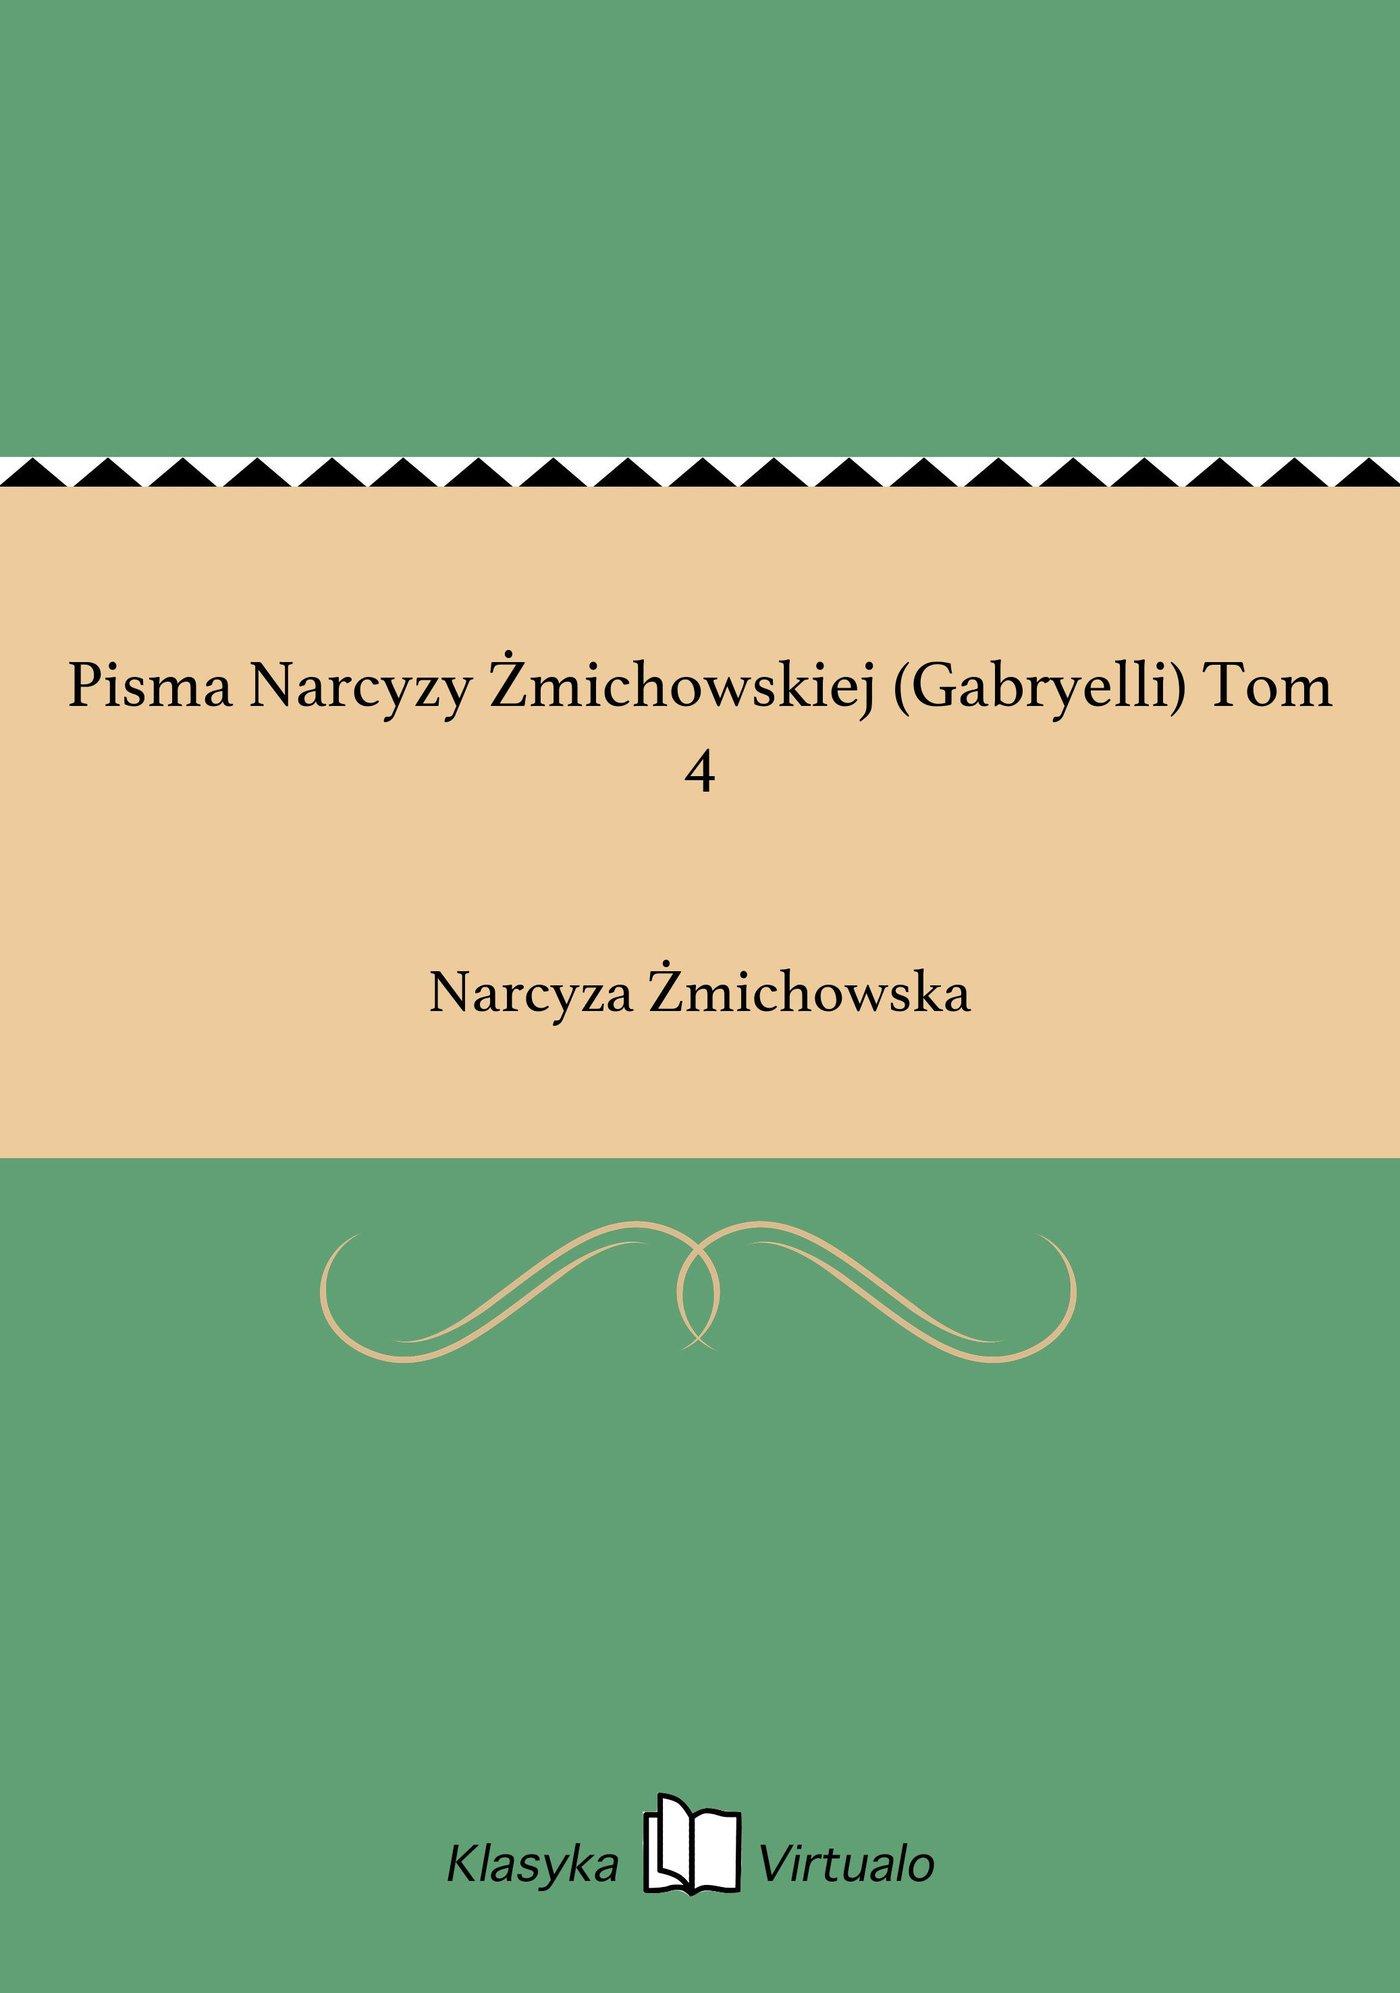 Pisma Narcyzy Żmichowskiej (Gabryelli) Tom 4 - Ebook (Książka na Kindle) do pobrania w formacie MOBI